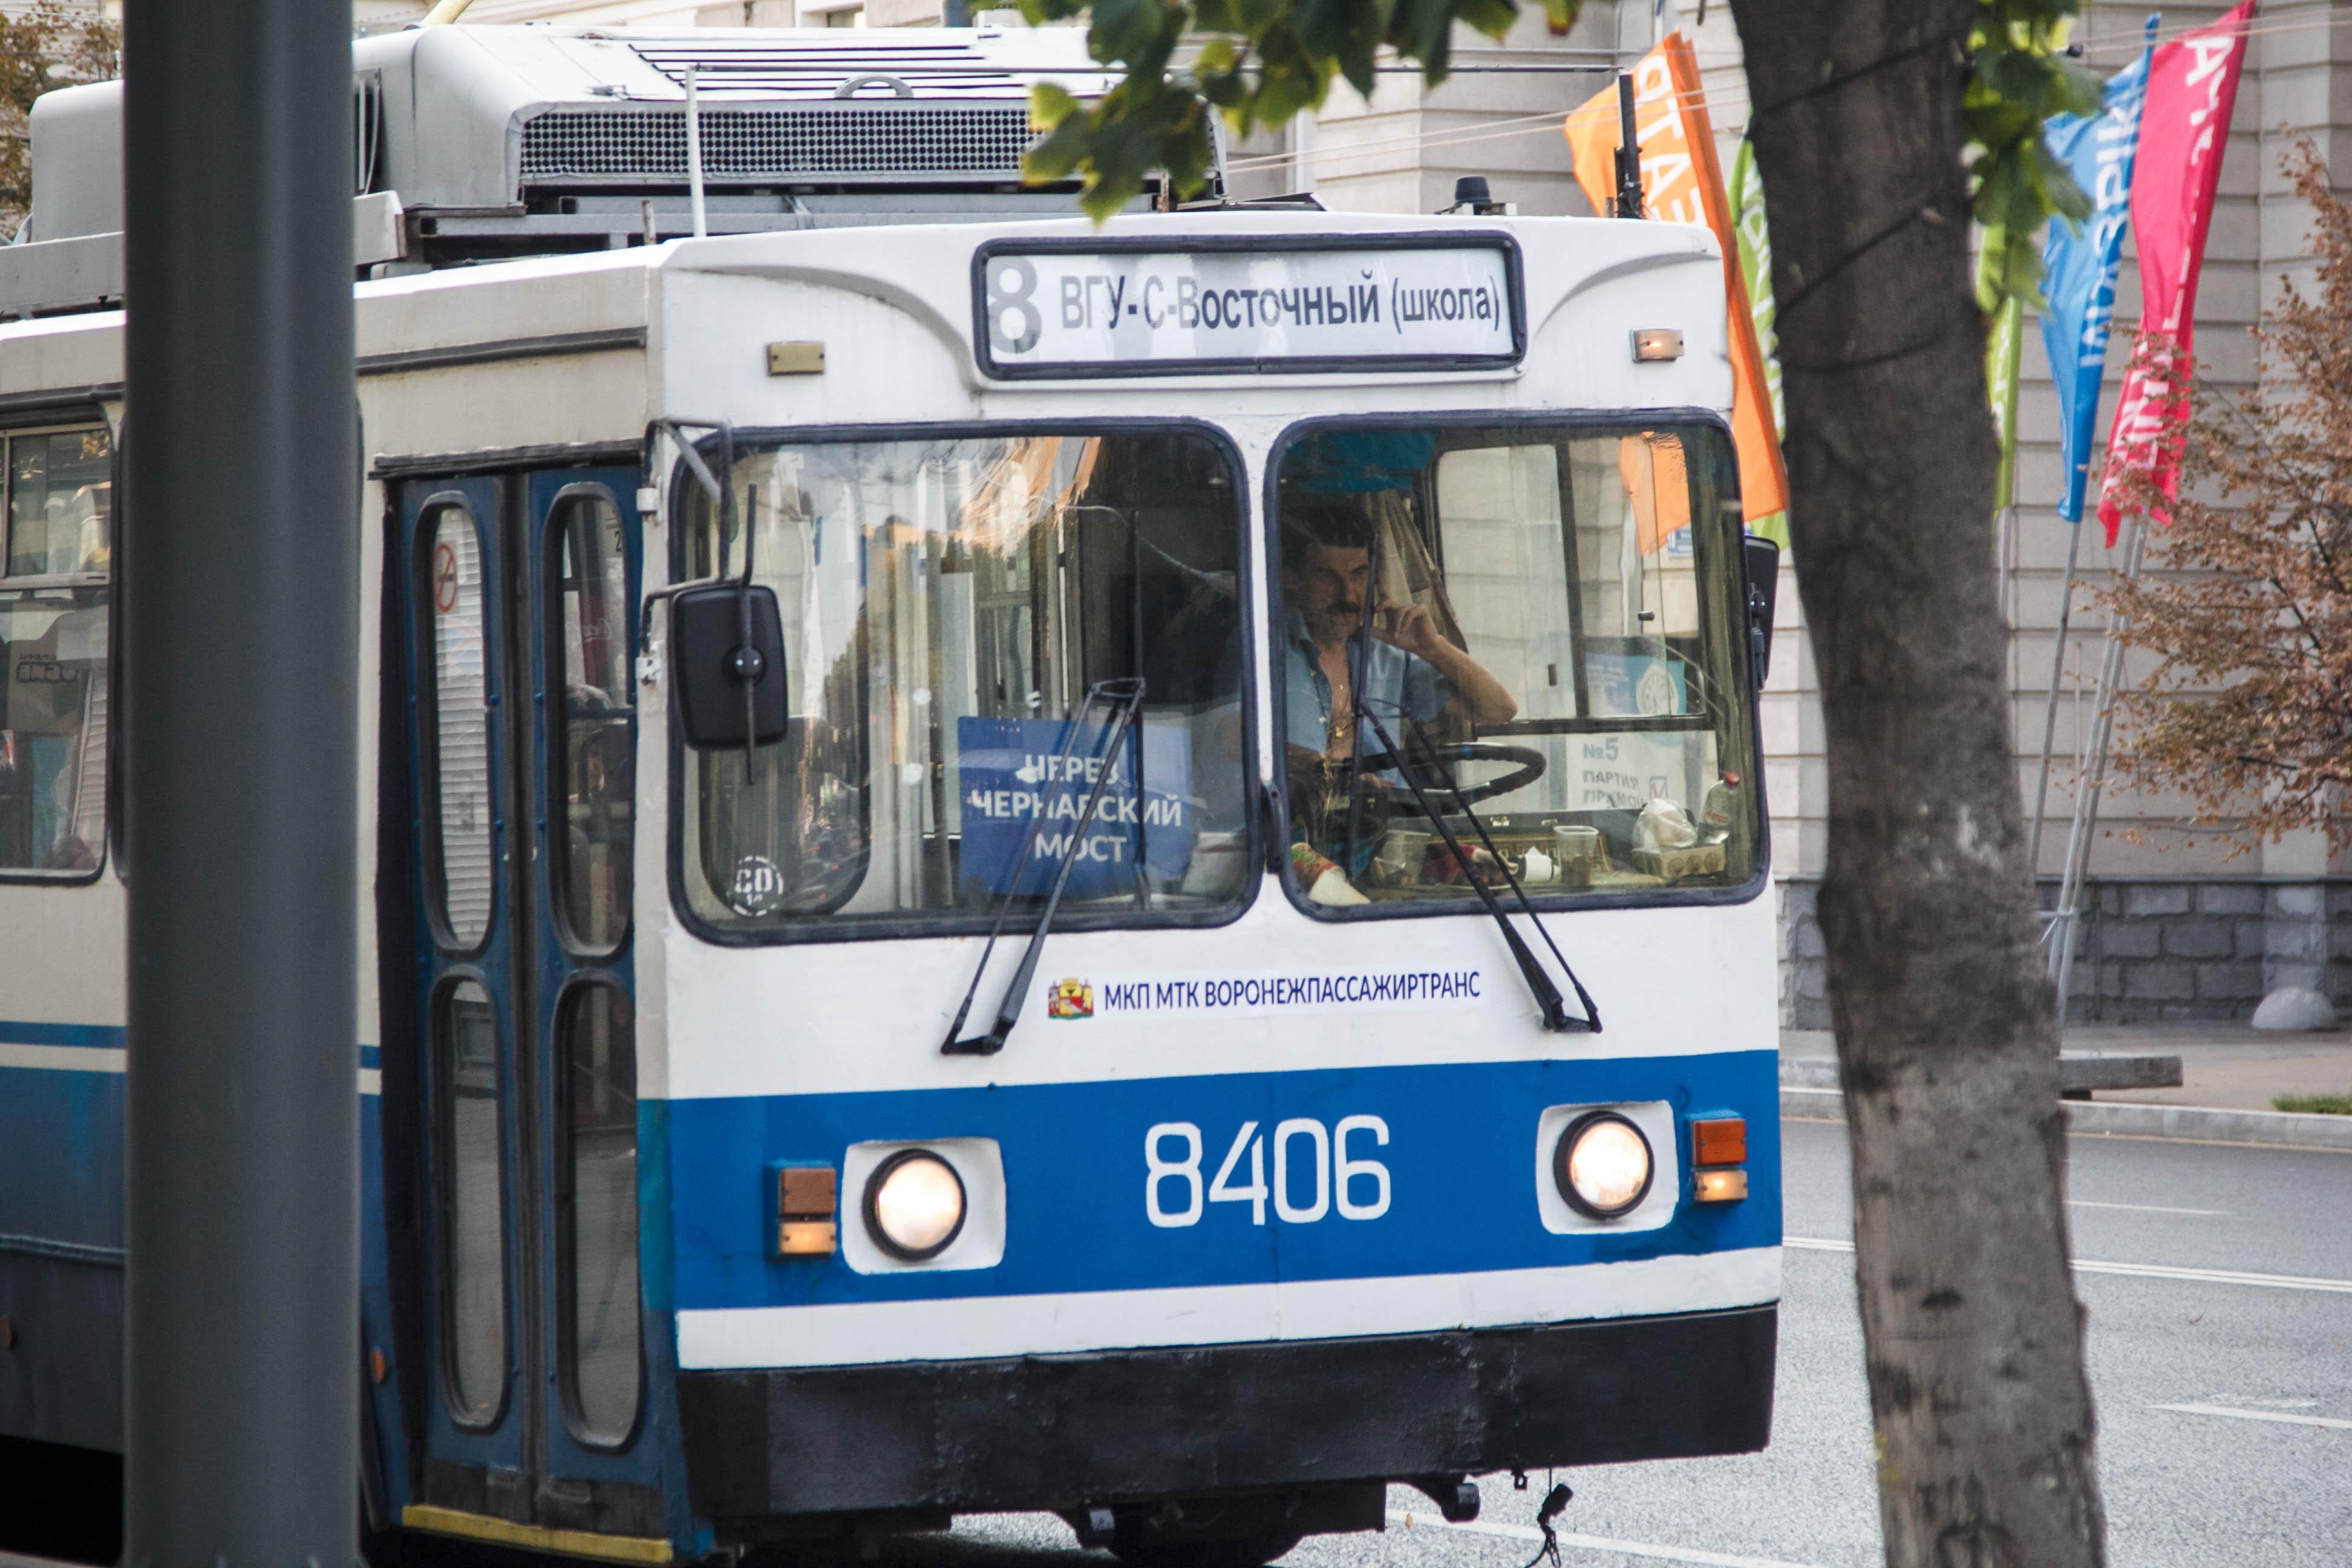 В Воронеже на день будет приостановлена работа троллейбусного маршрута